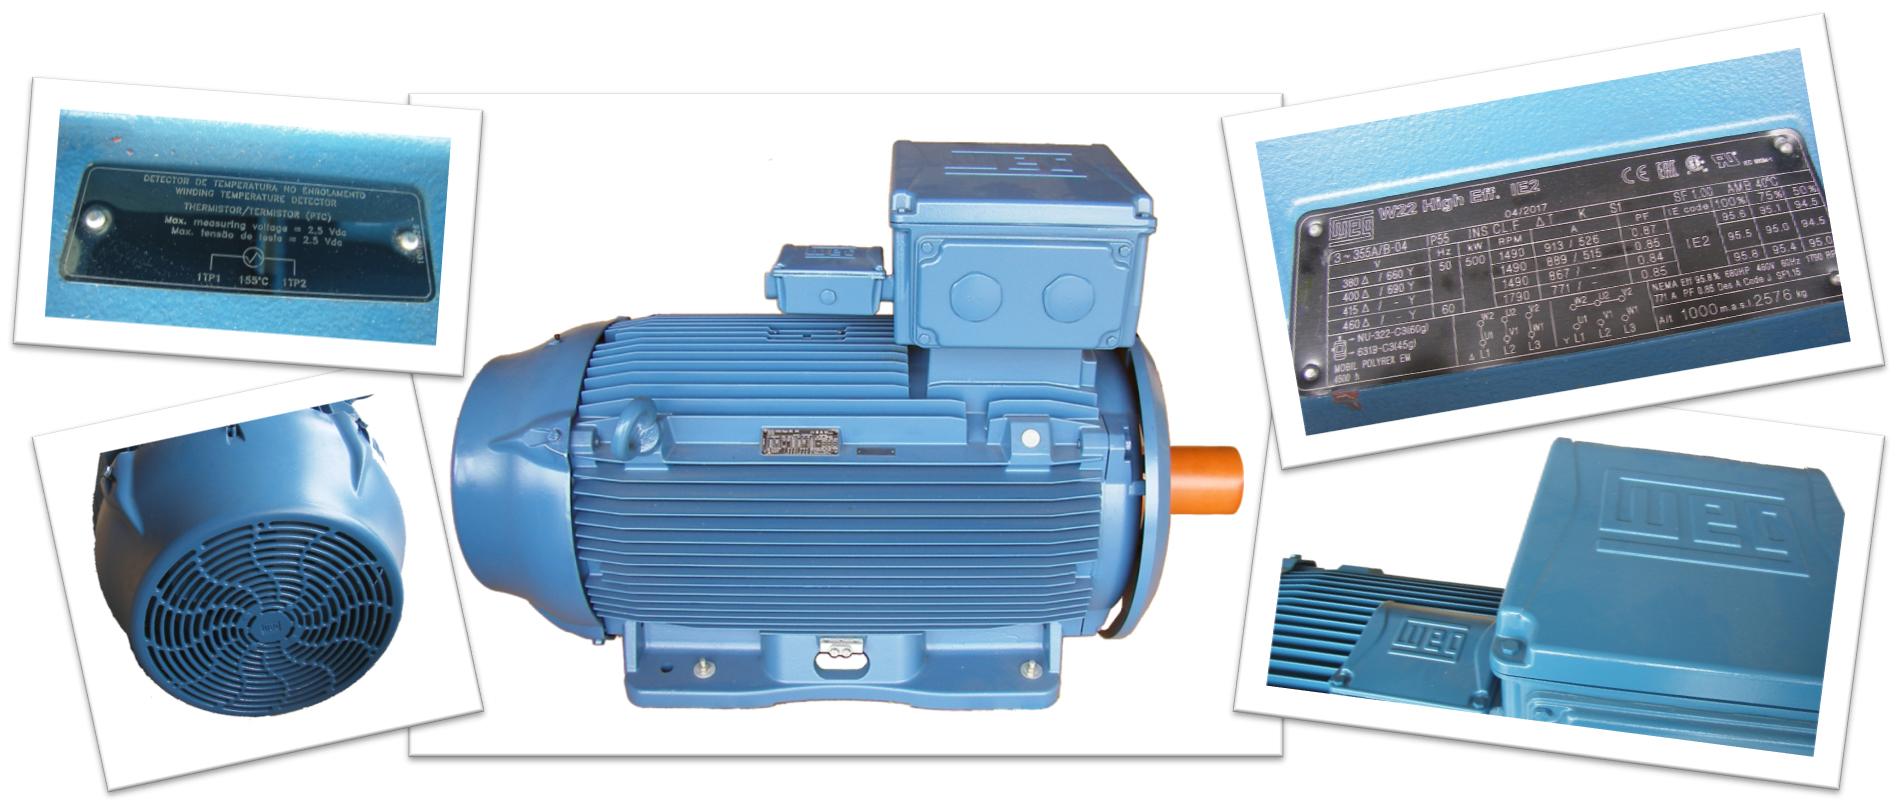 500 kW WEG motor